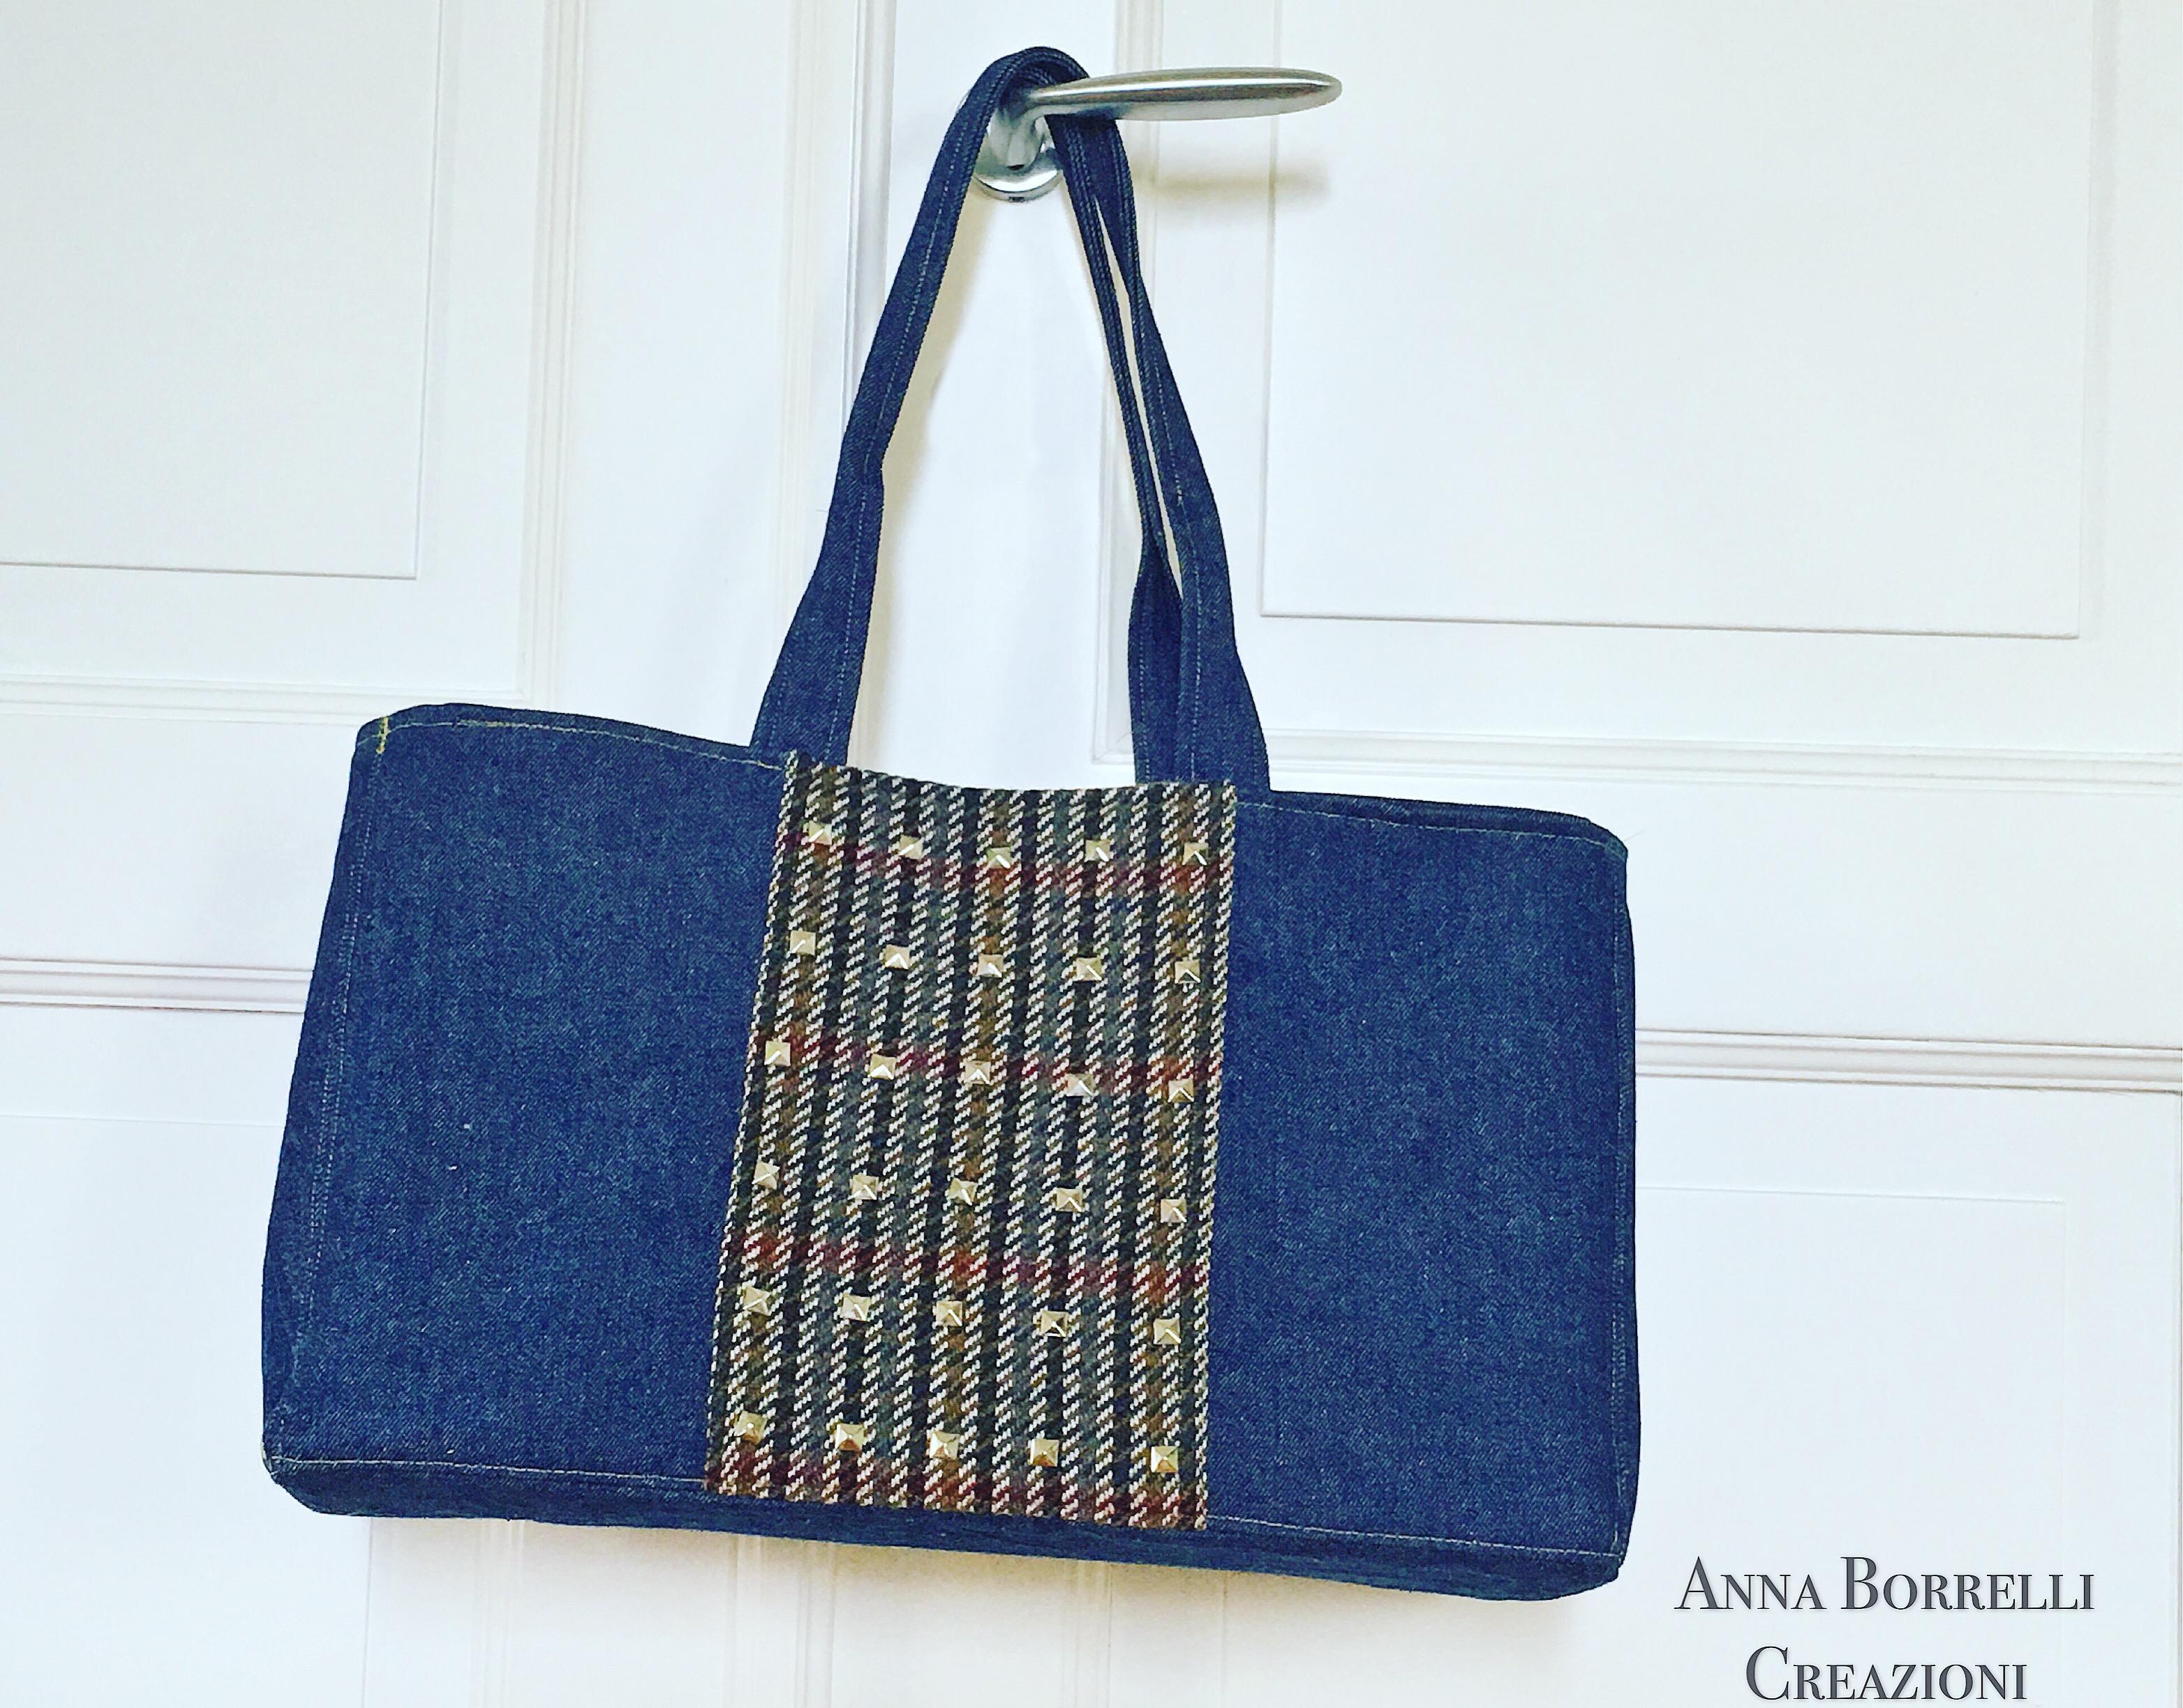 Top Come realizzare la borsa shopper - Anna Borrelli GH65